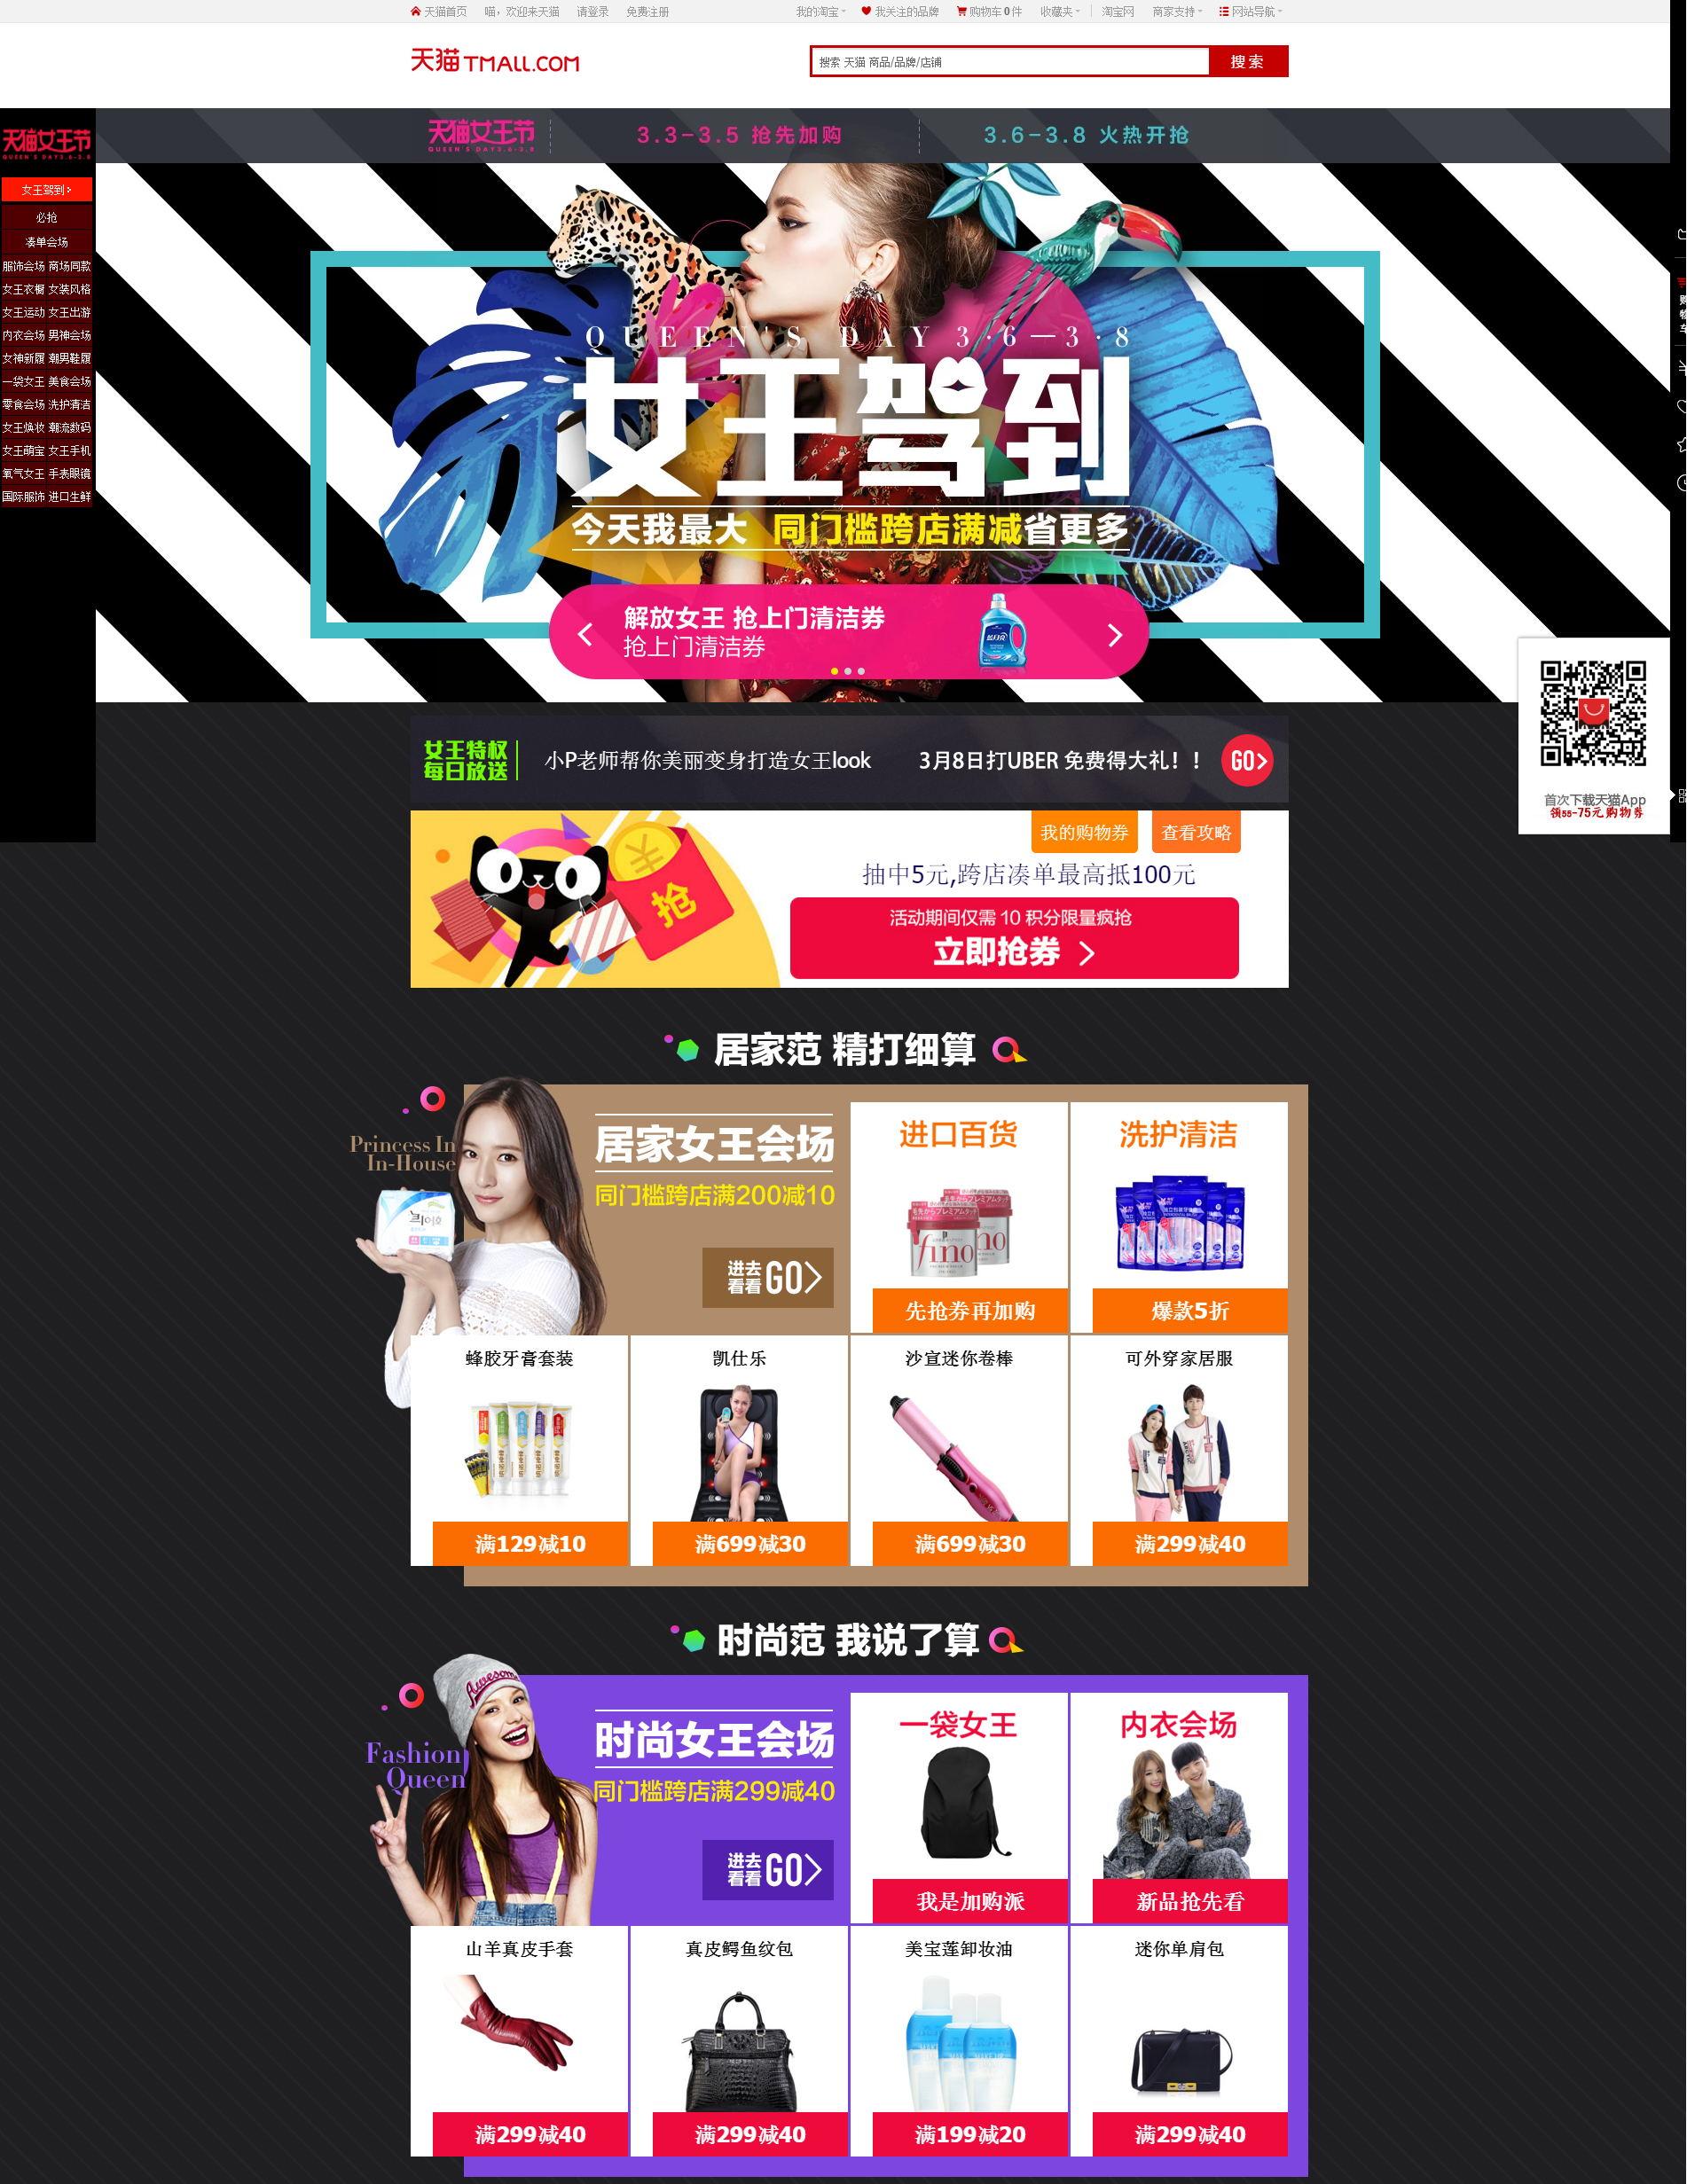 天猫女王节活动页面设计欣赏